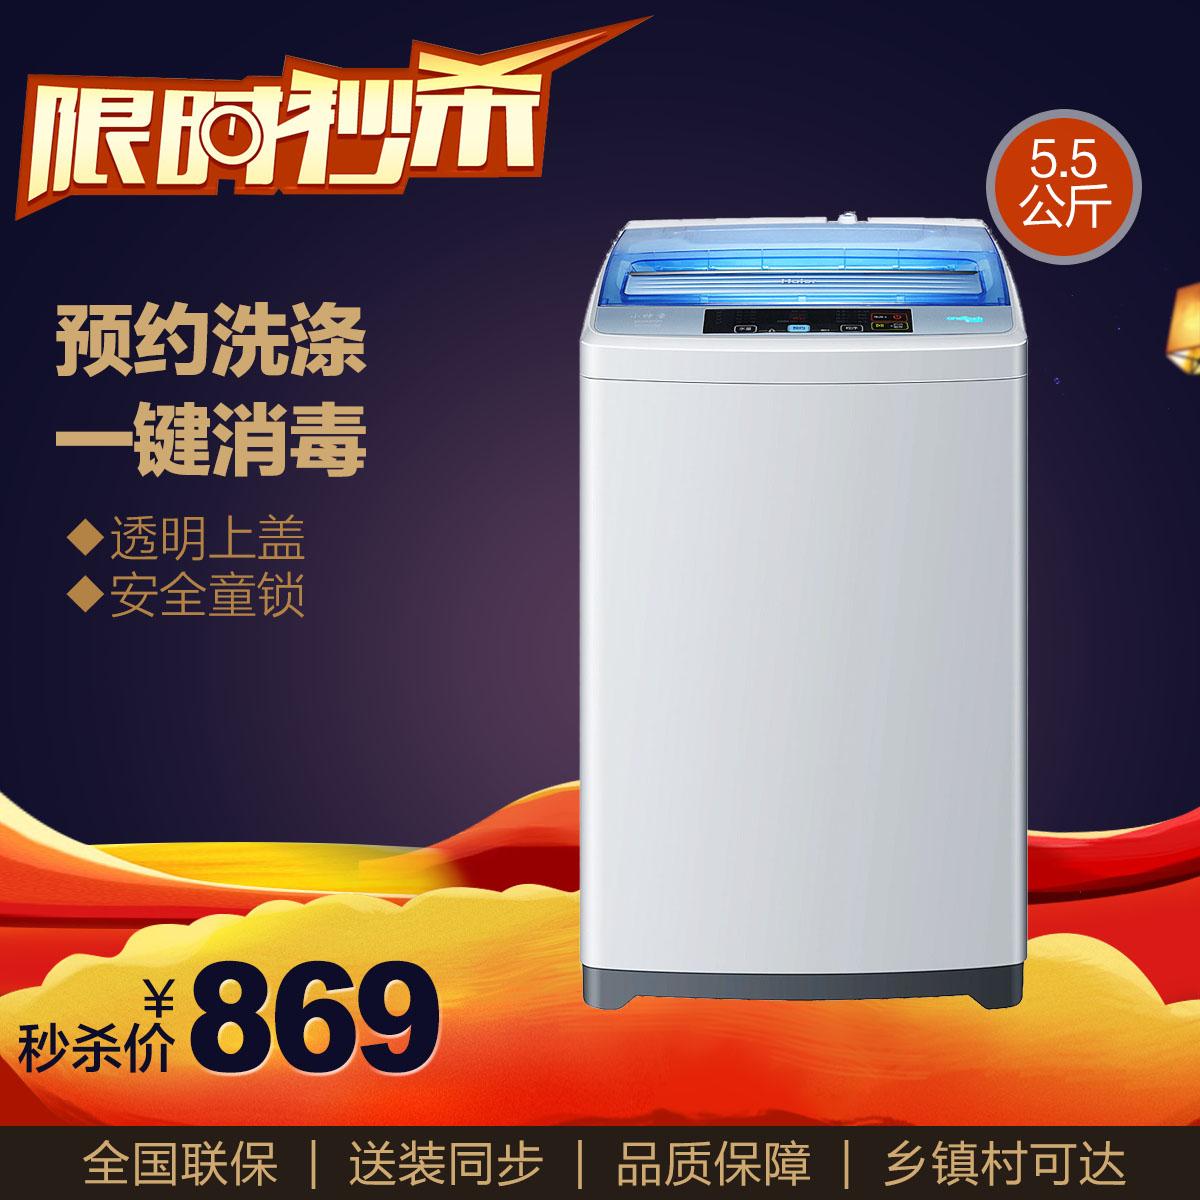 Haier/海尔 波轮洗衣机 EB55M2WH 5.5公斤/全自动波轮洗衣机